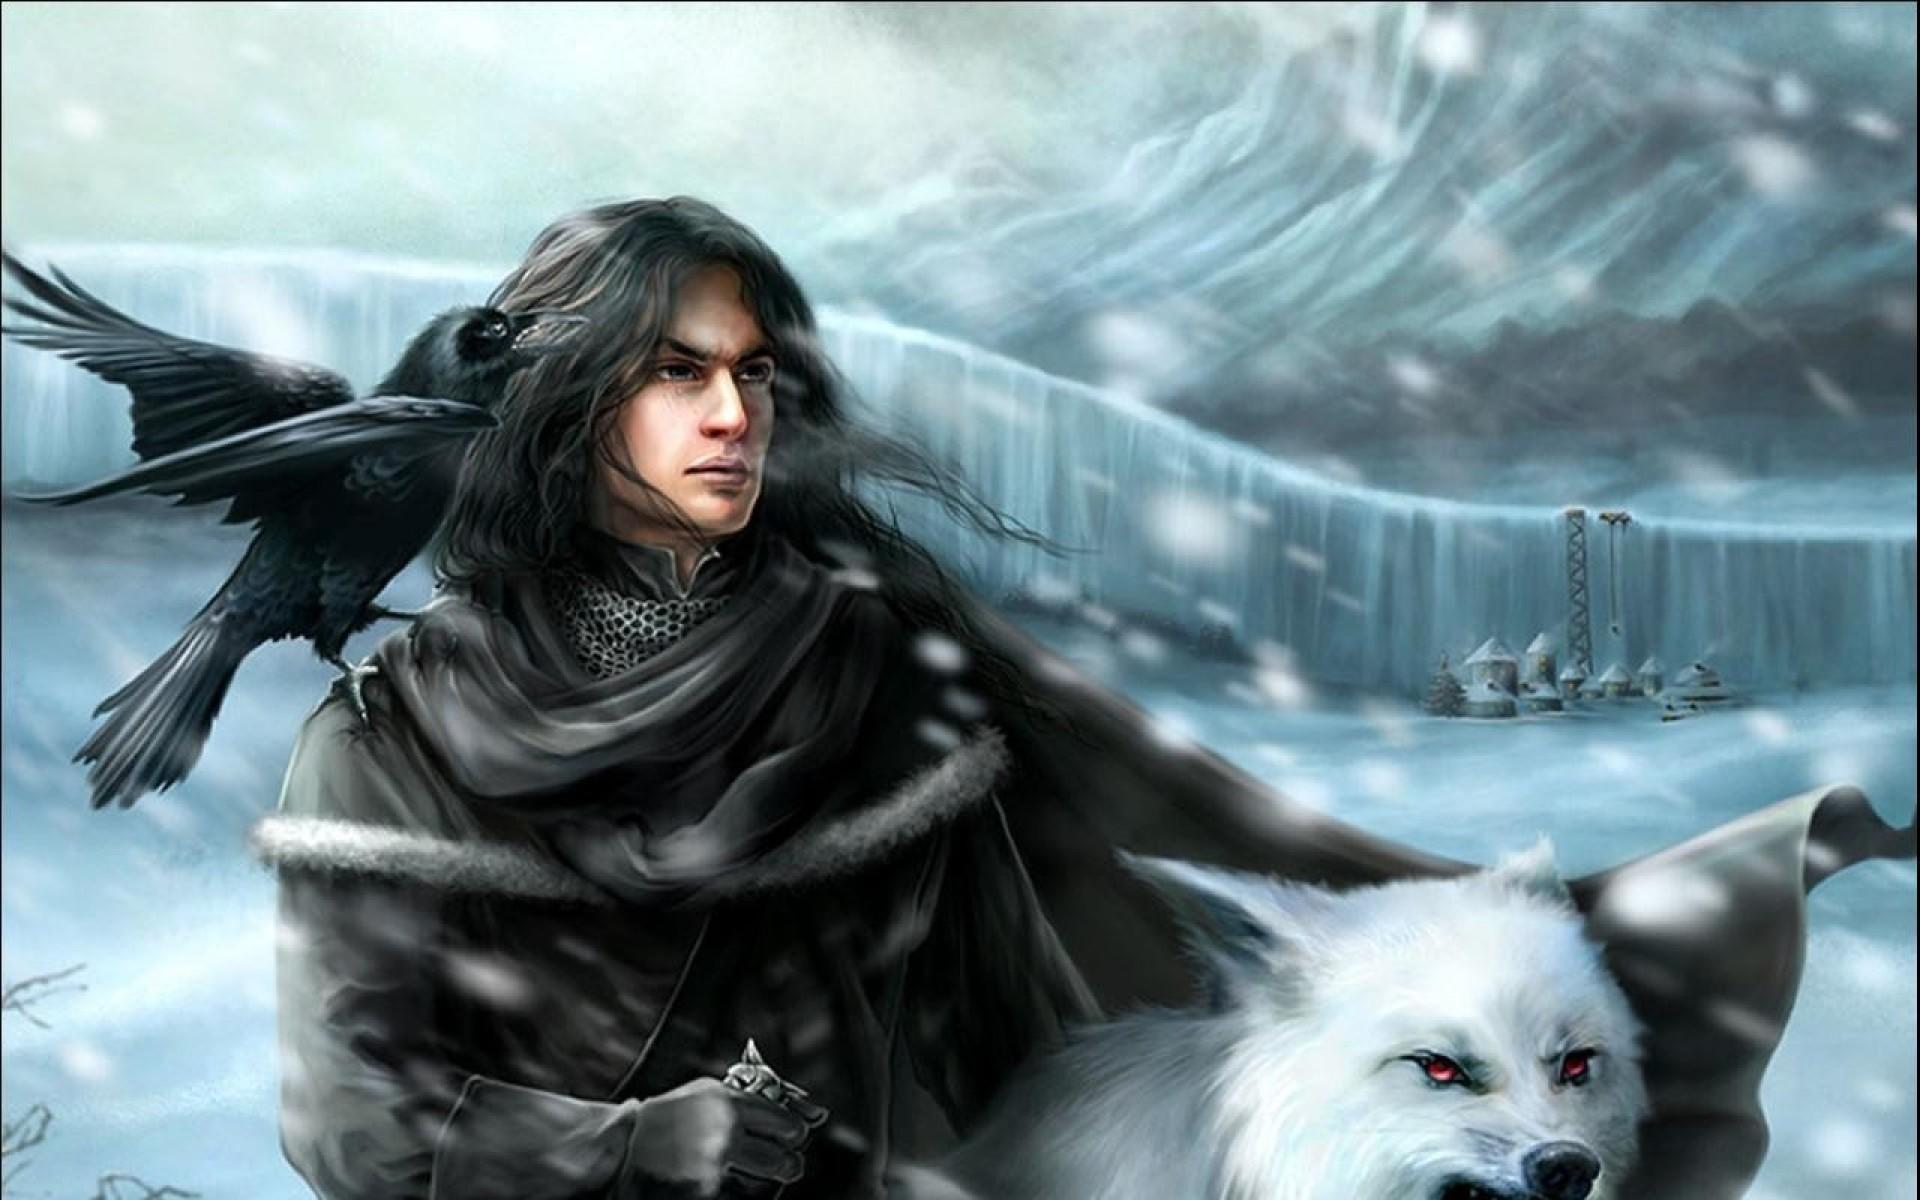 Res: 1920x1200, Jon Snow. Wallpaper: Jon Snow